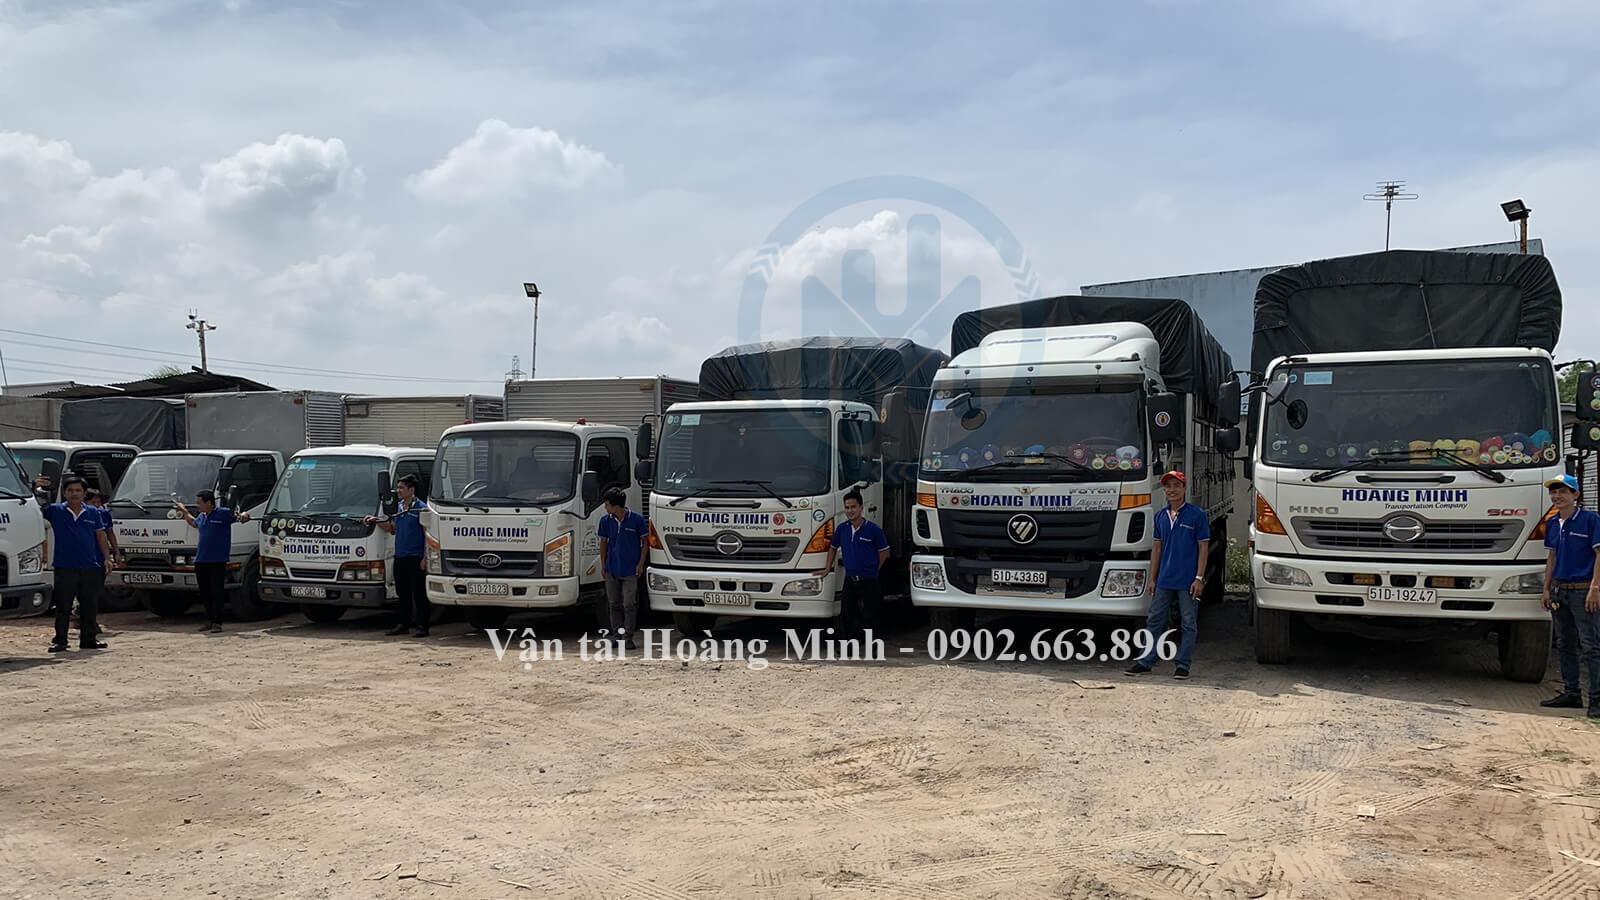 Chọn thuê xe tải chở hàng tại Vận tải Hoàng Minh, bạn sẽ nhận được lợi ích gì